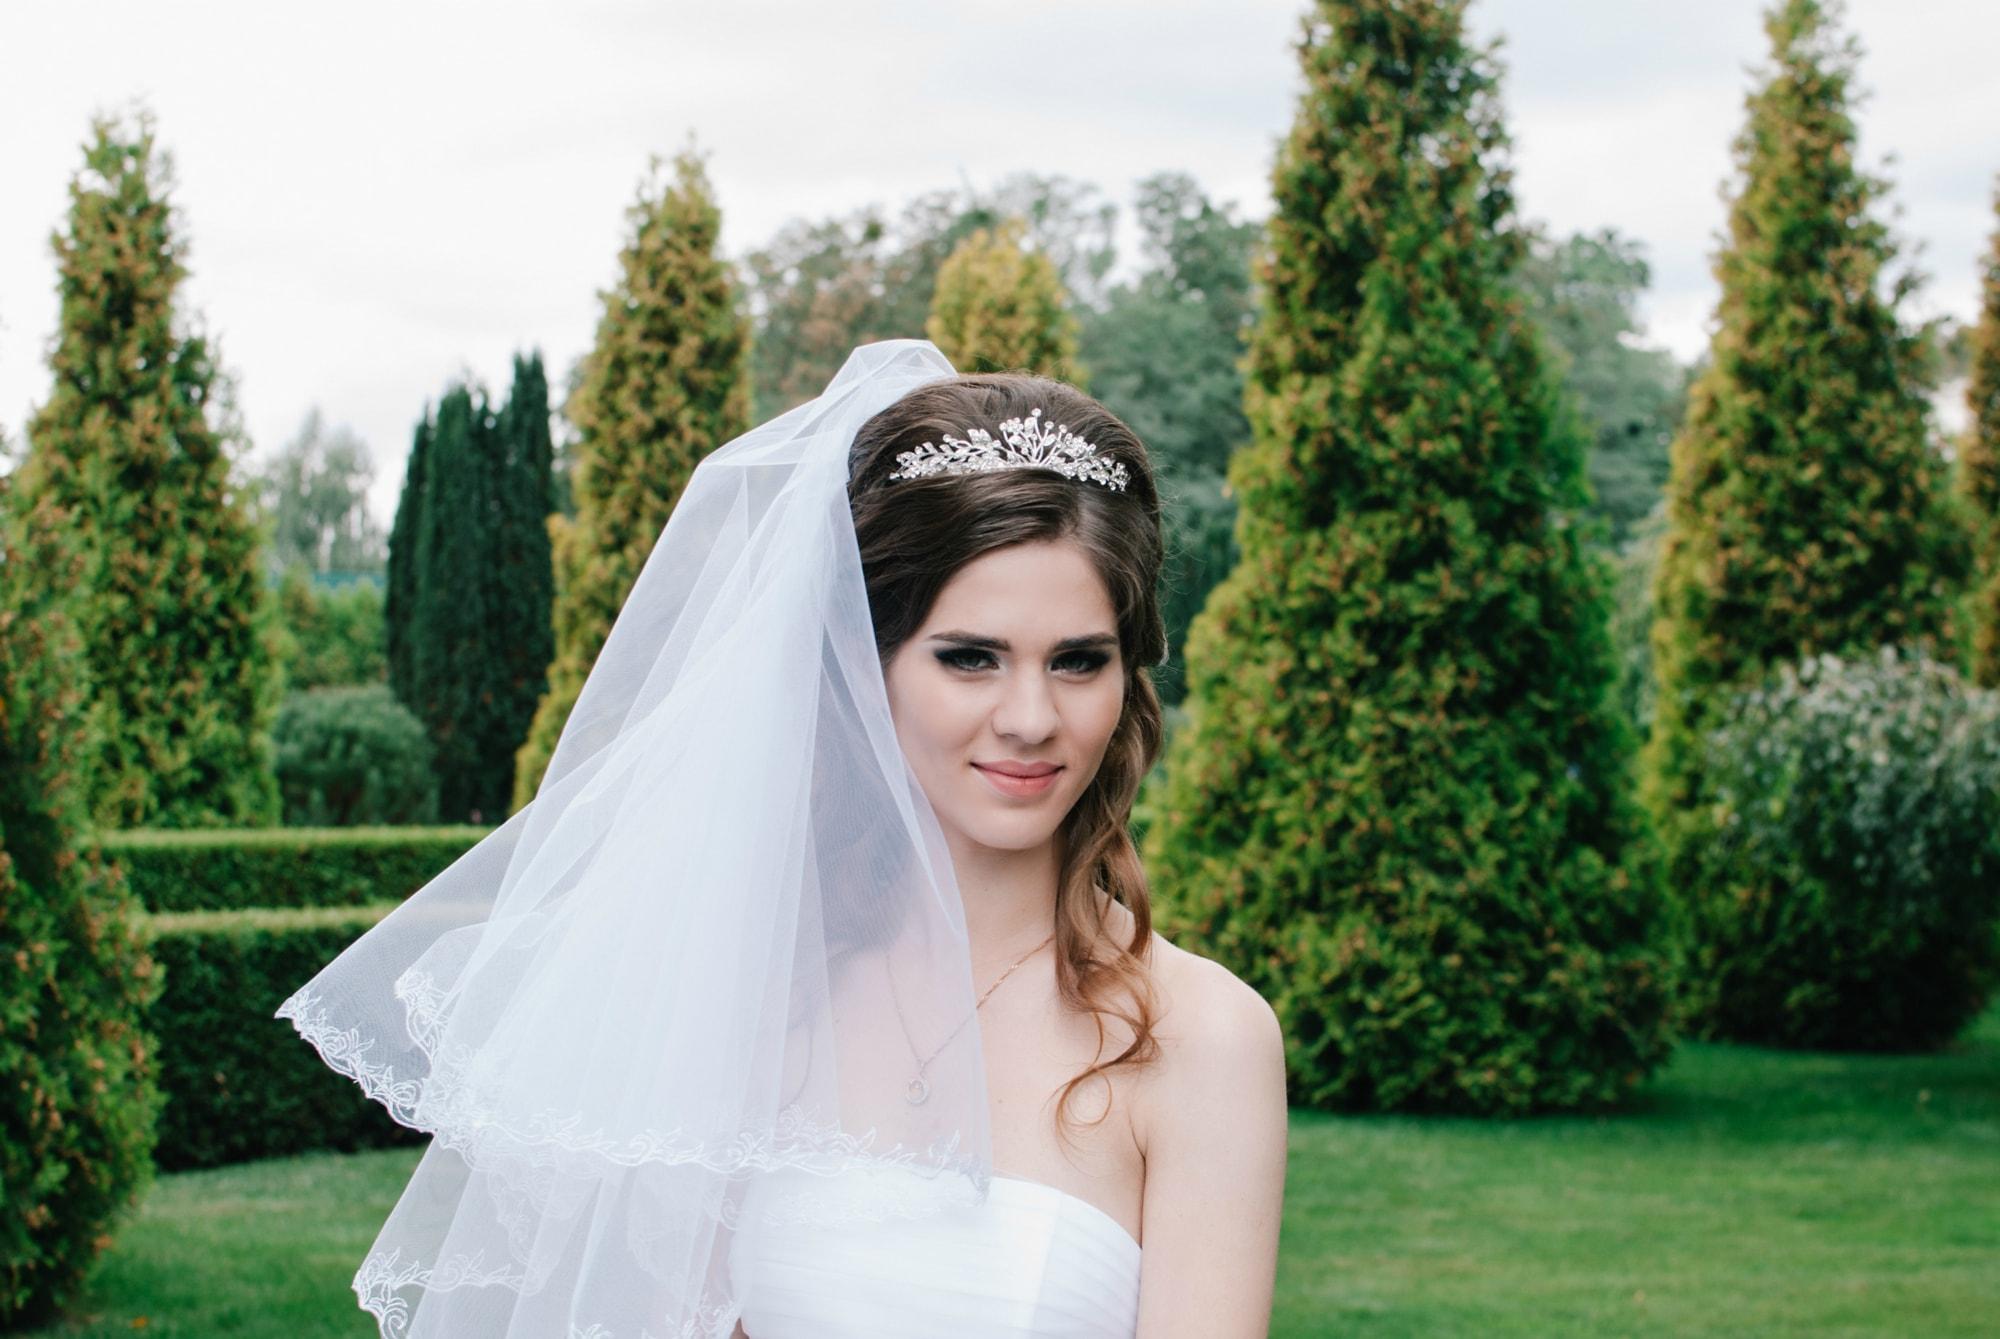 Фото молодой невесты - Фотограф Киев - Женя Лайт